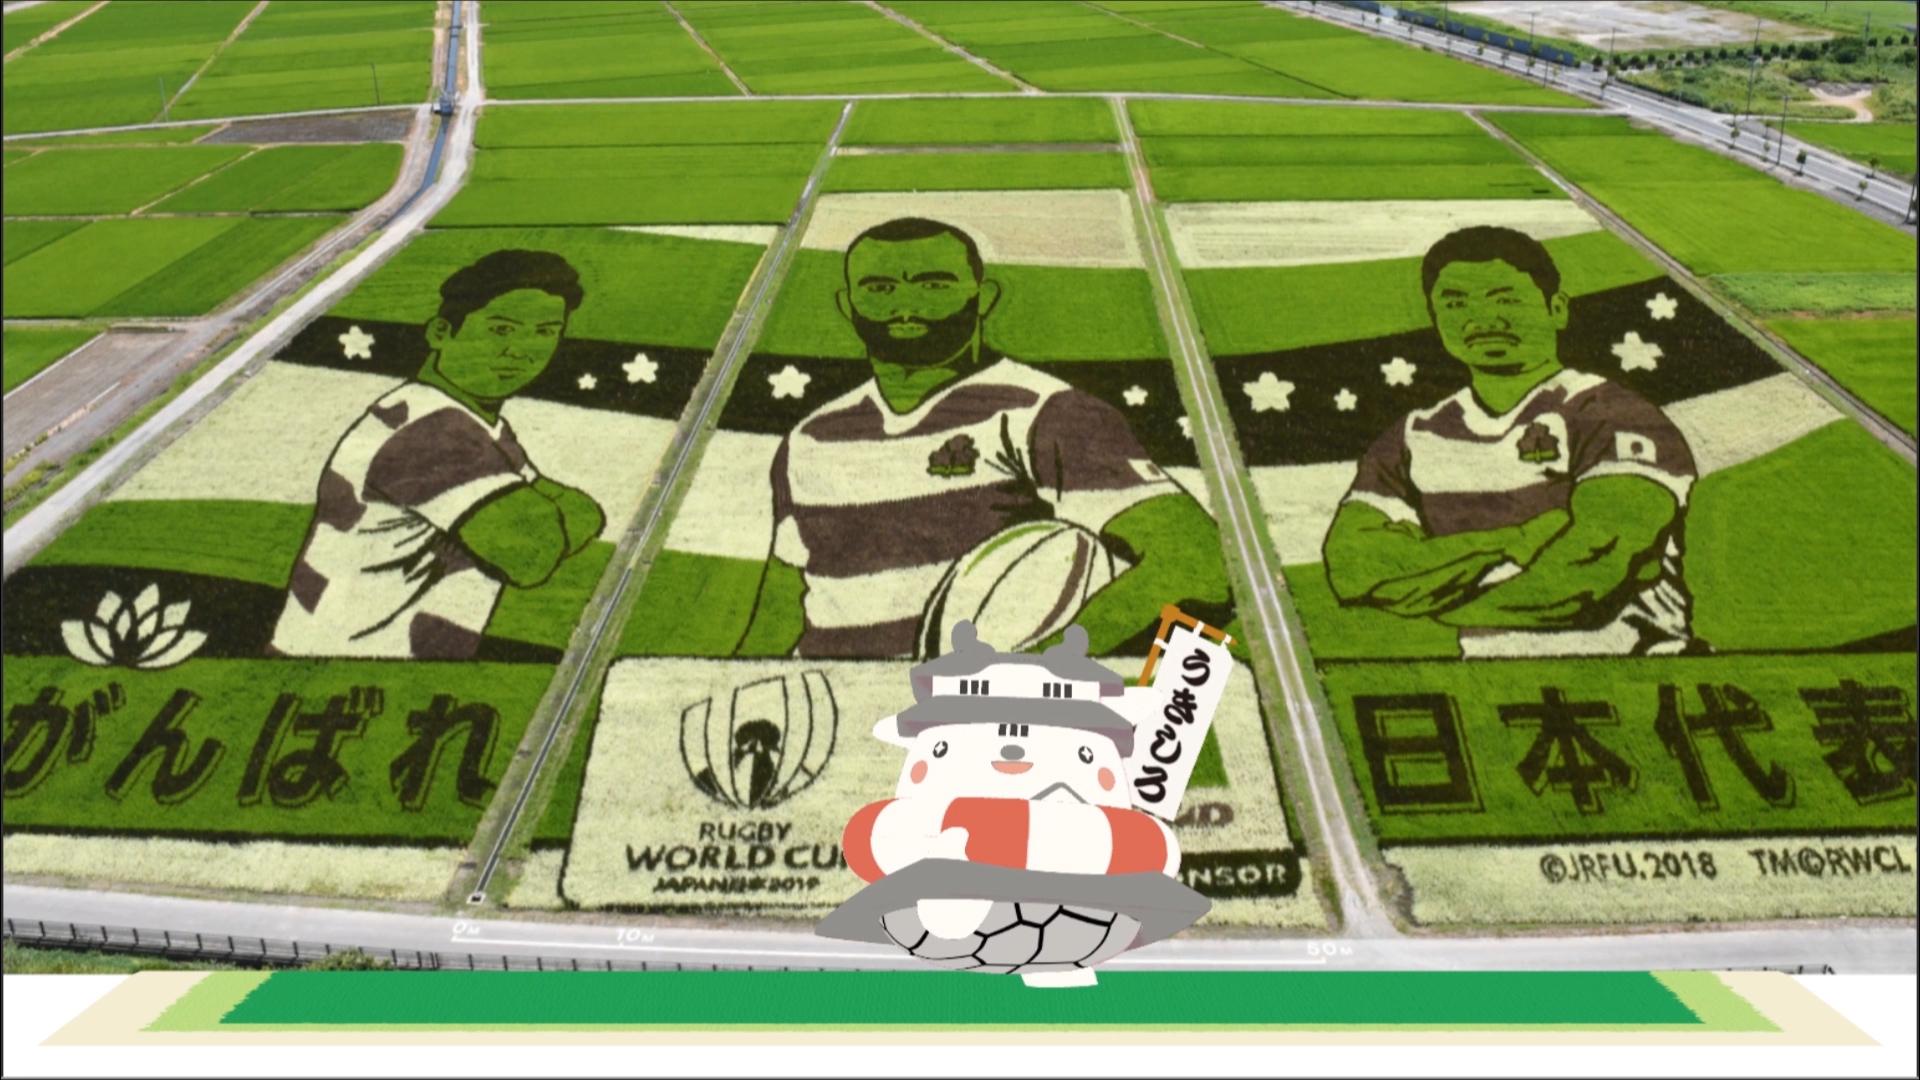 【ラグビーワールドカップ2019日本大会!】を応援するしろ!!【田んぼアート】